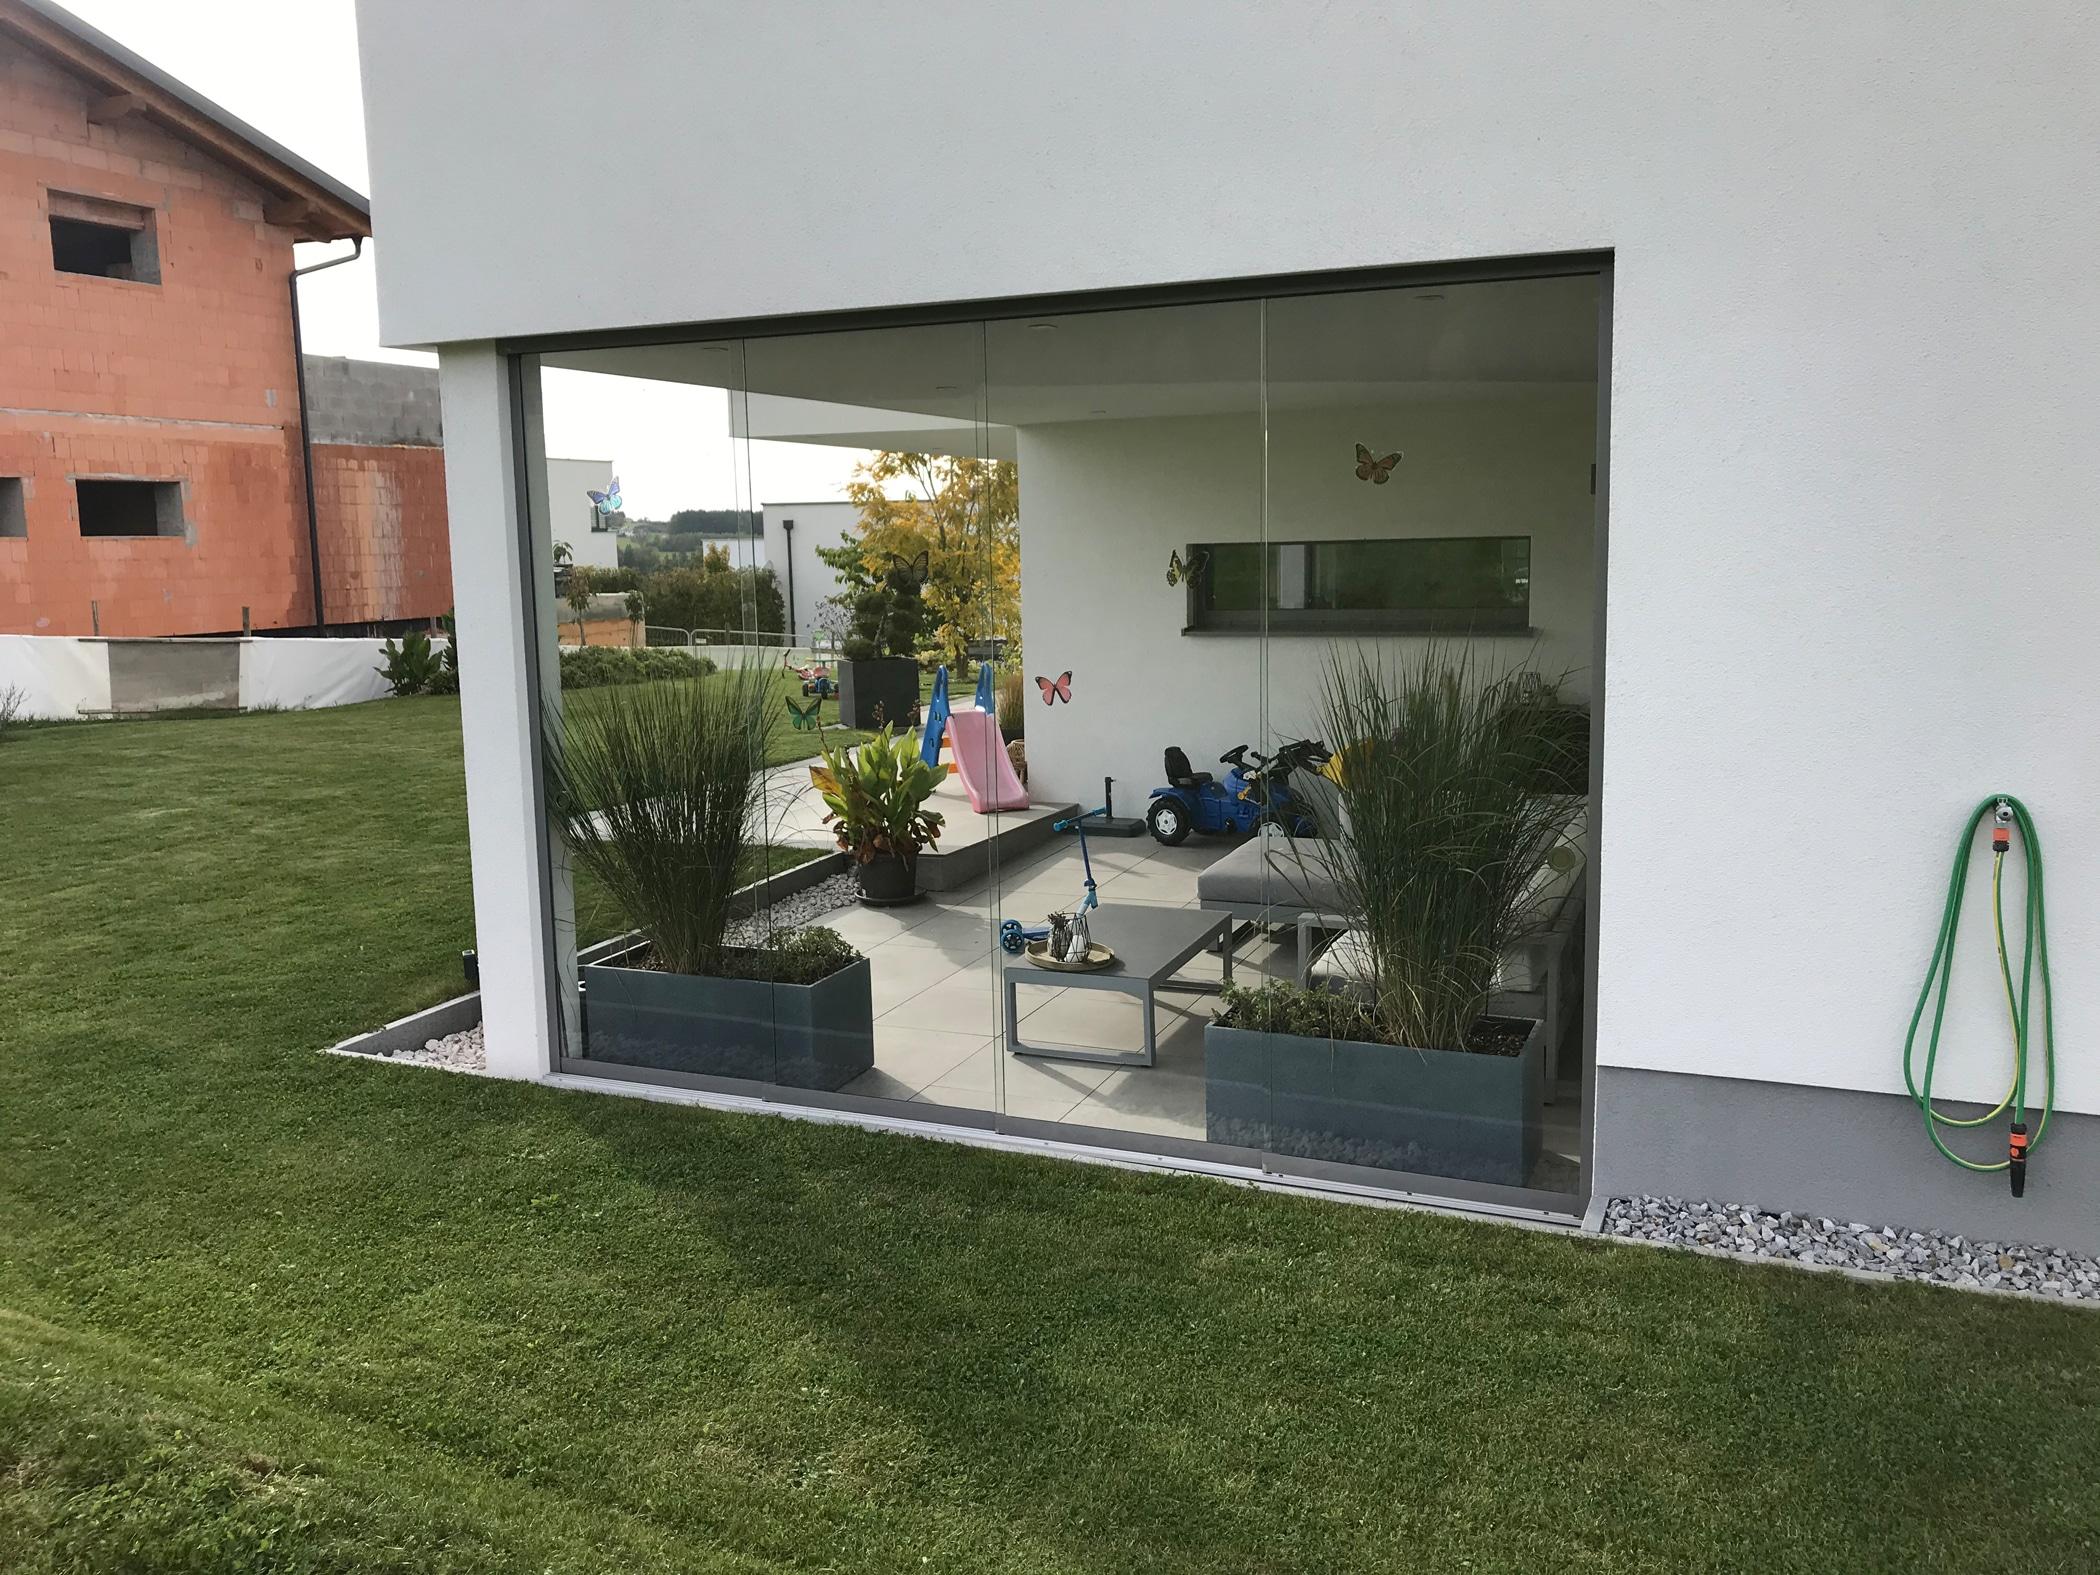 Glasschiebewand für Terrasse als Windschutz in Oberösterreich